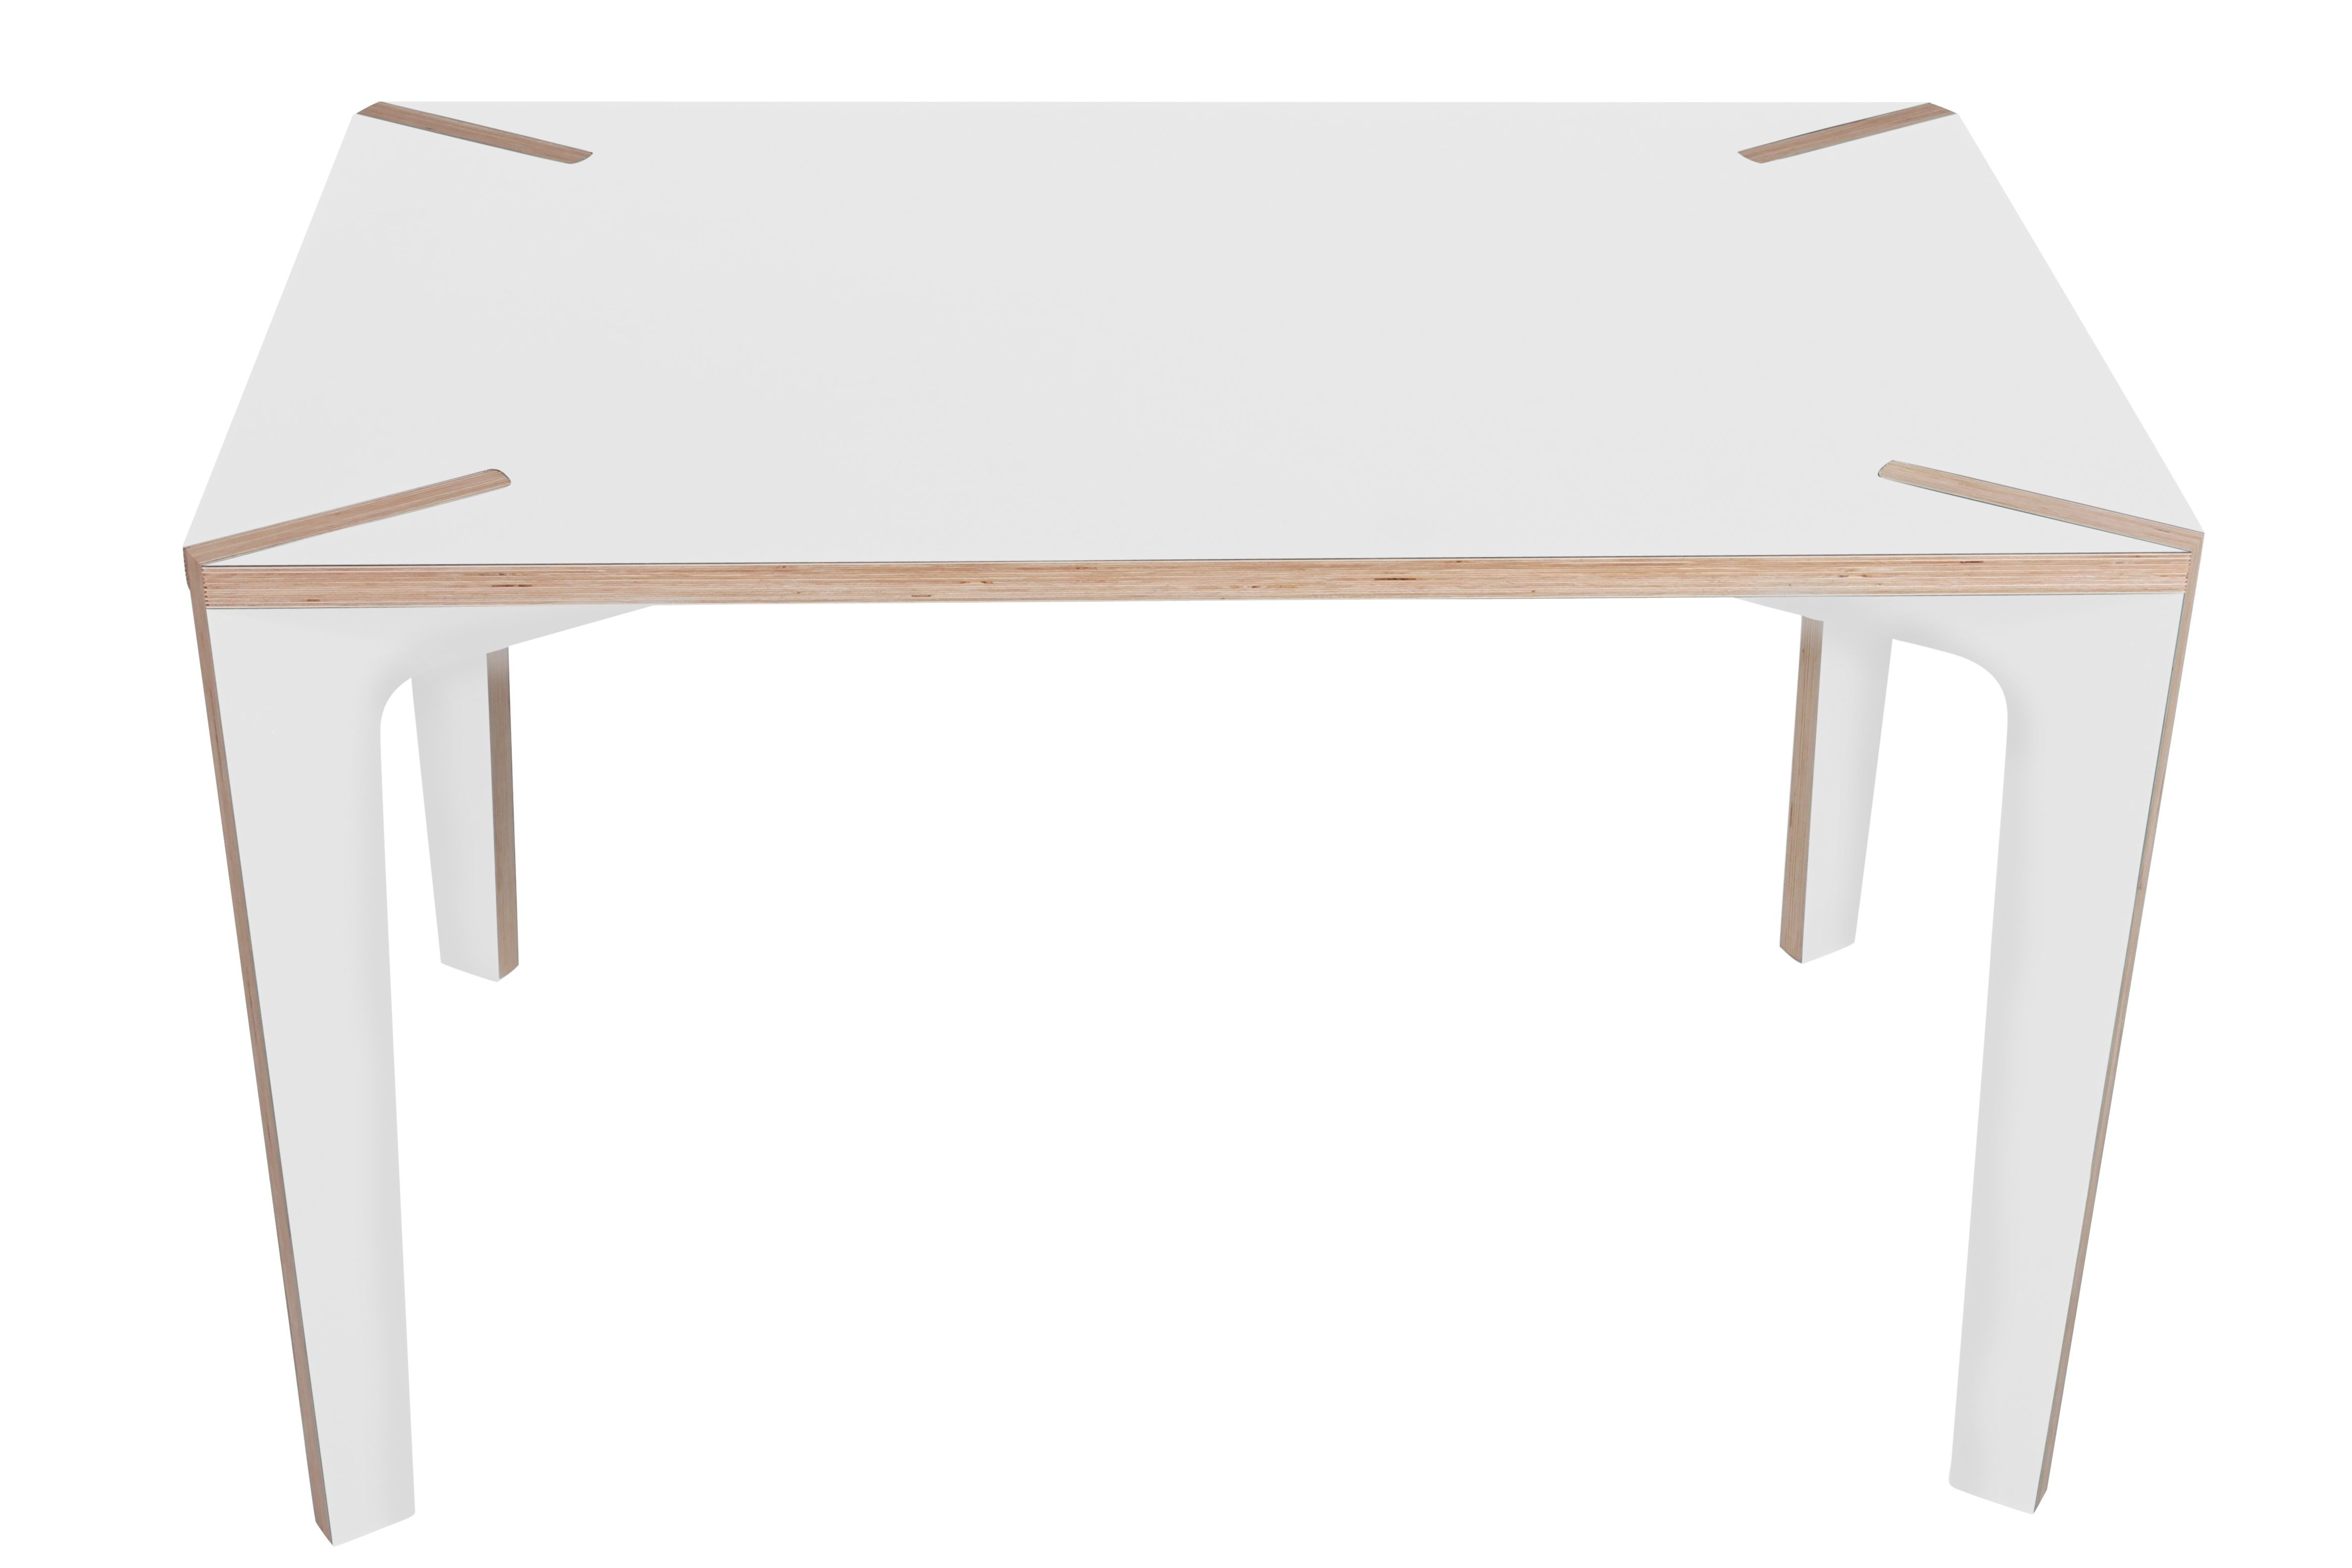 Table s rie x 120 x 75 cm 120 x 75 cm blanc gris la for Serie a table 99 00